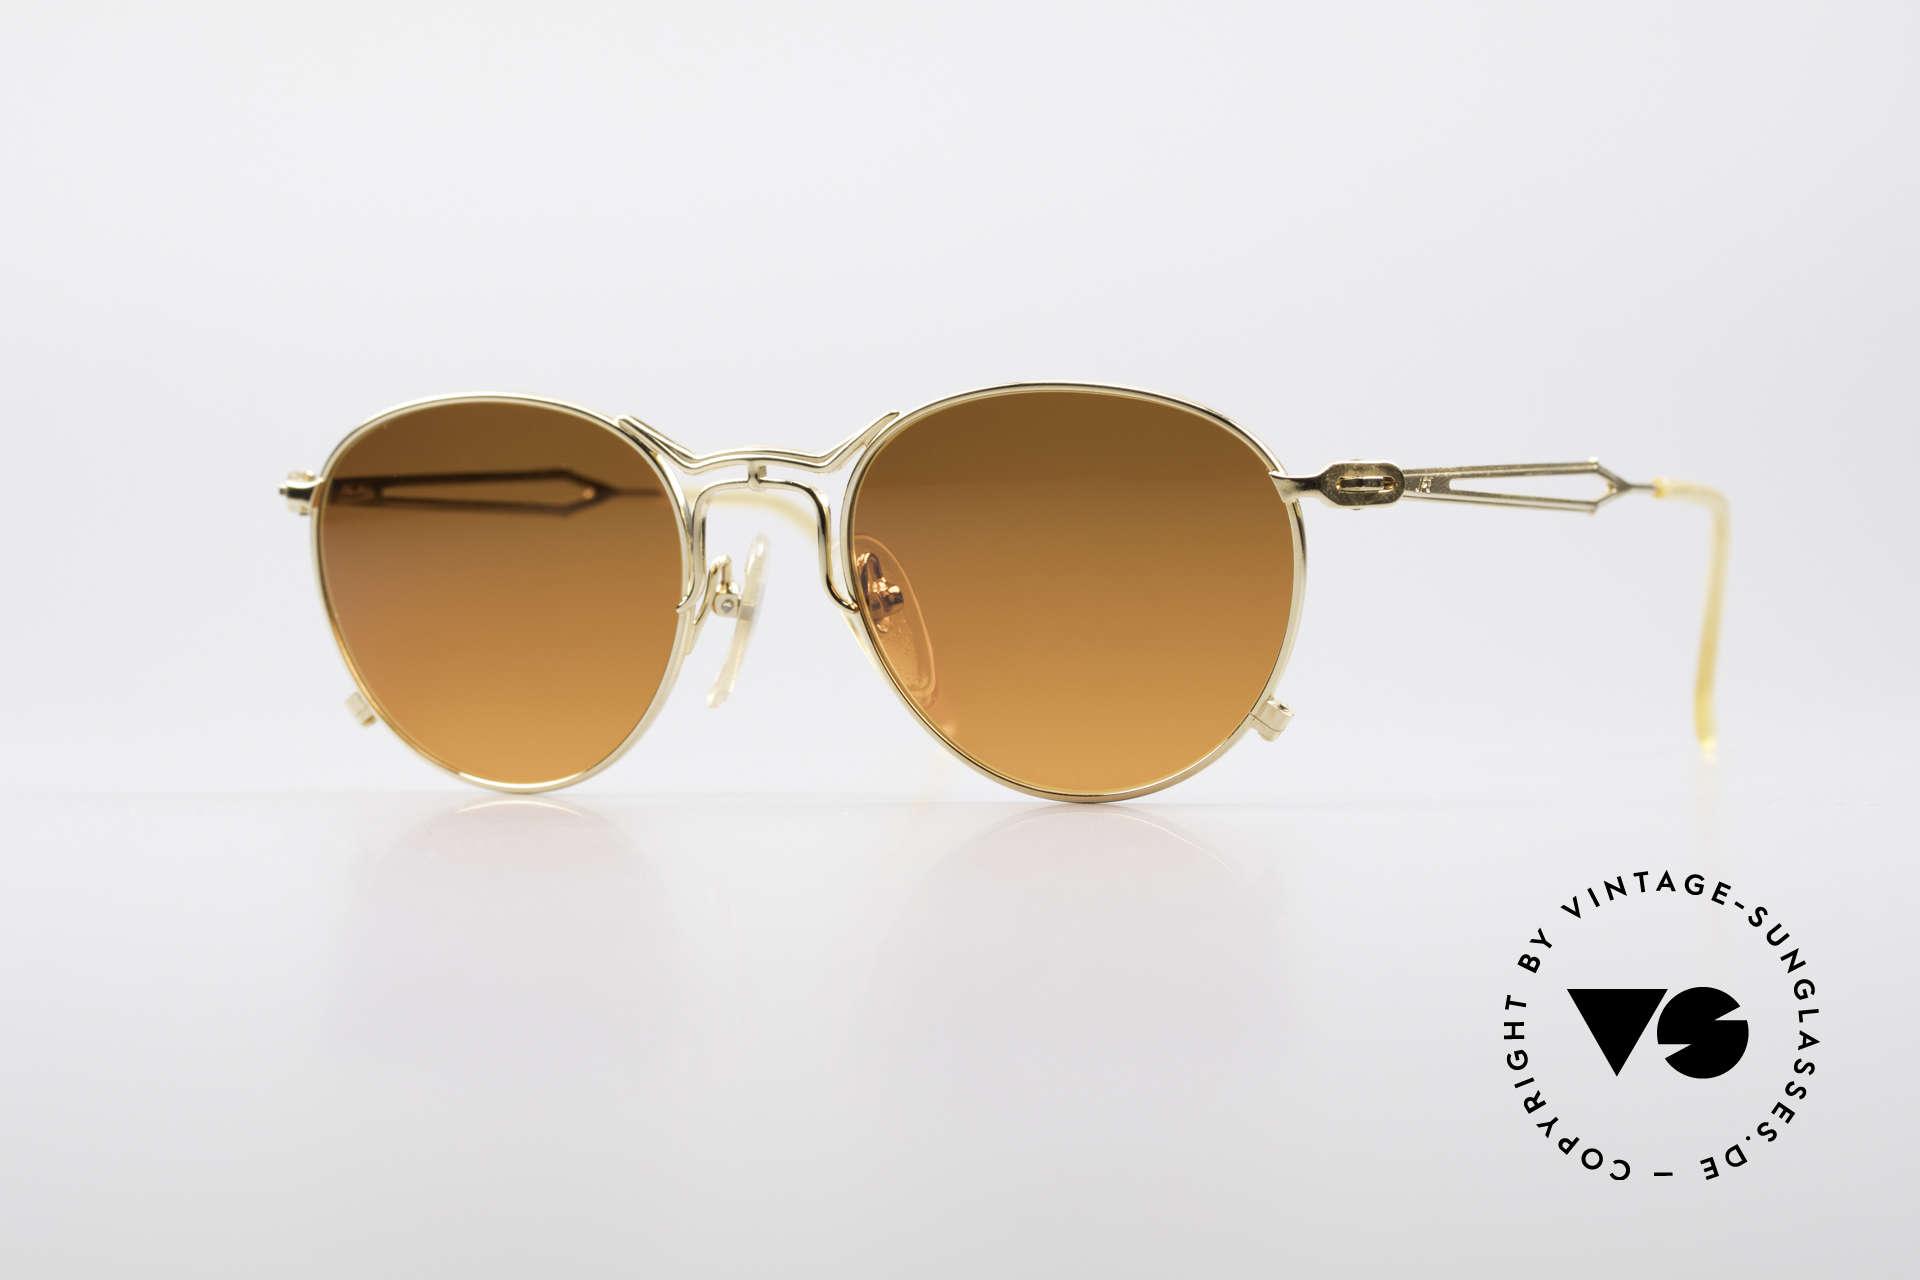 Jean Paul Gaultier 55-2177 Vergoldete Designer Fassung, außergewöhnliche vintage J.P.G Designersonnenbrille, Passend für Herren und Damen